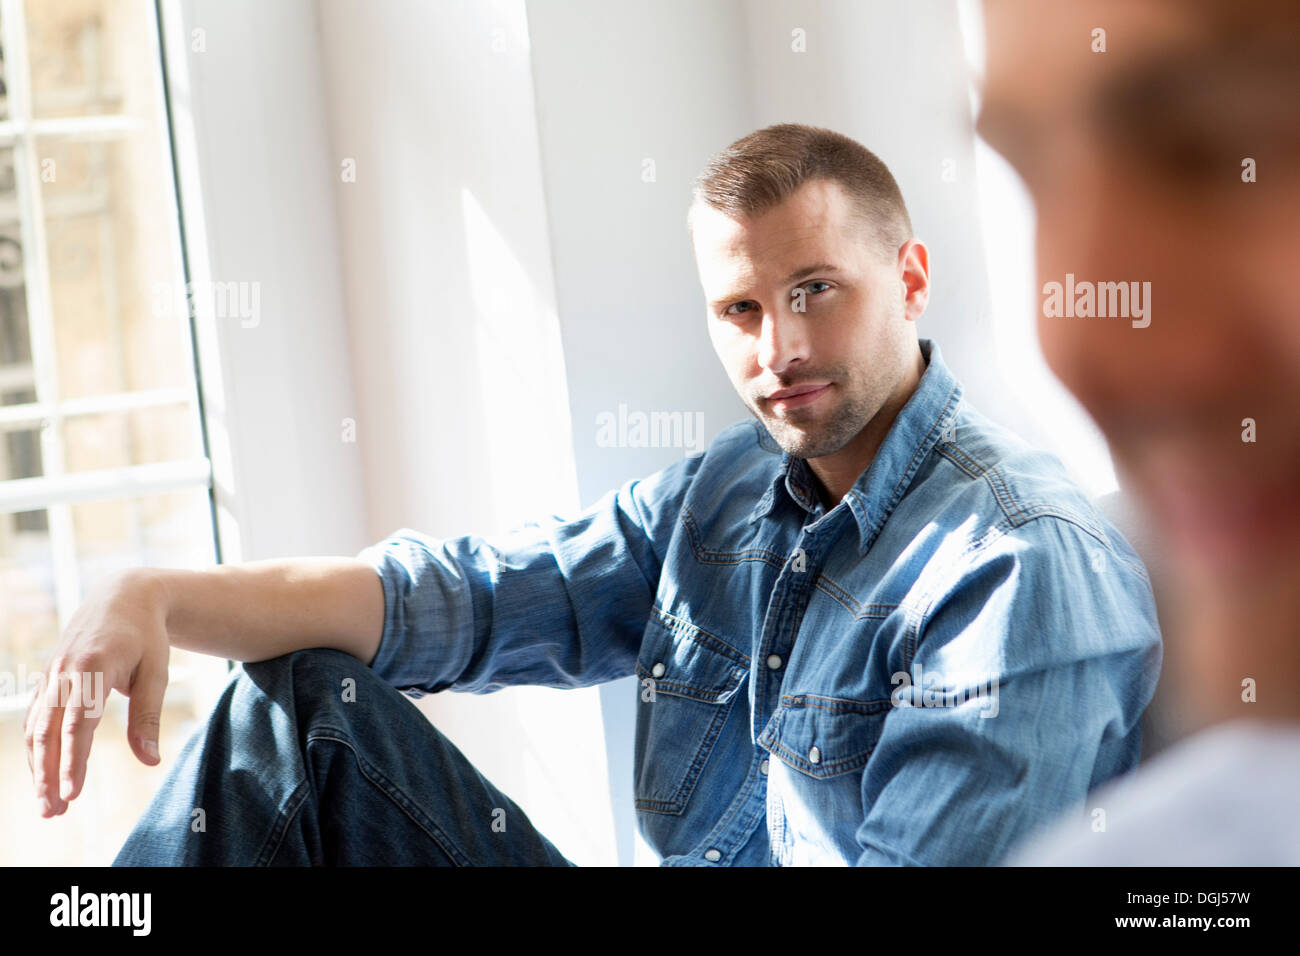 Mid adult man wearing denim shirt - Stock Image